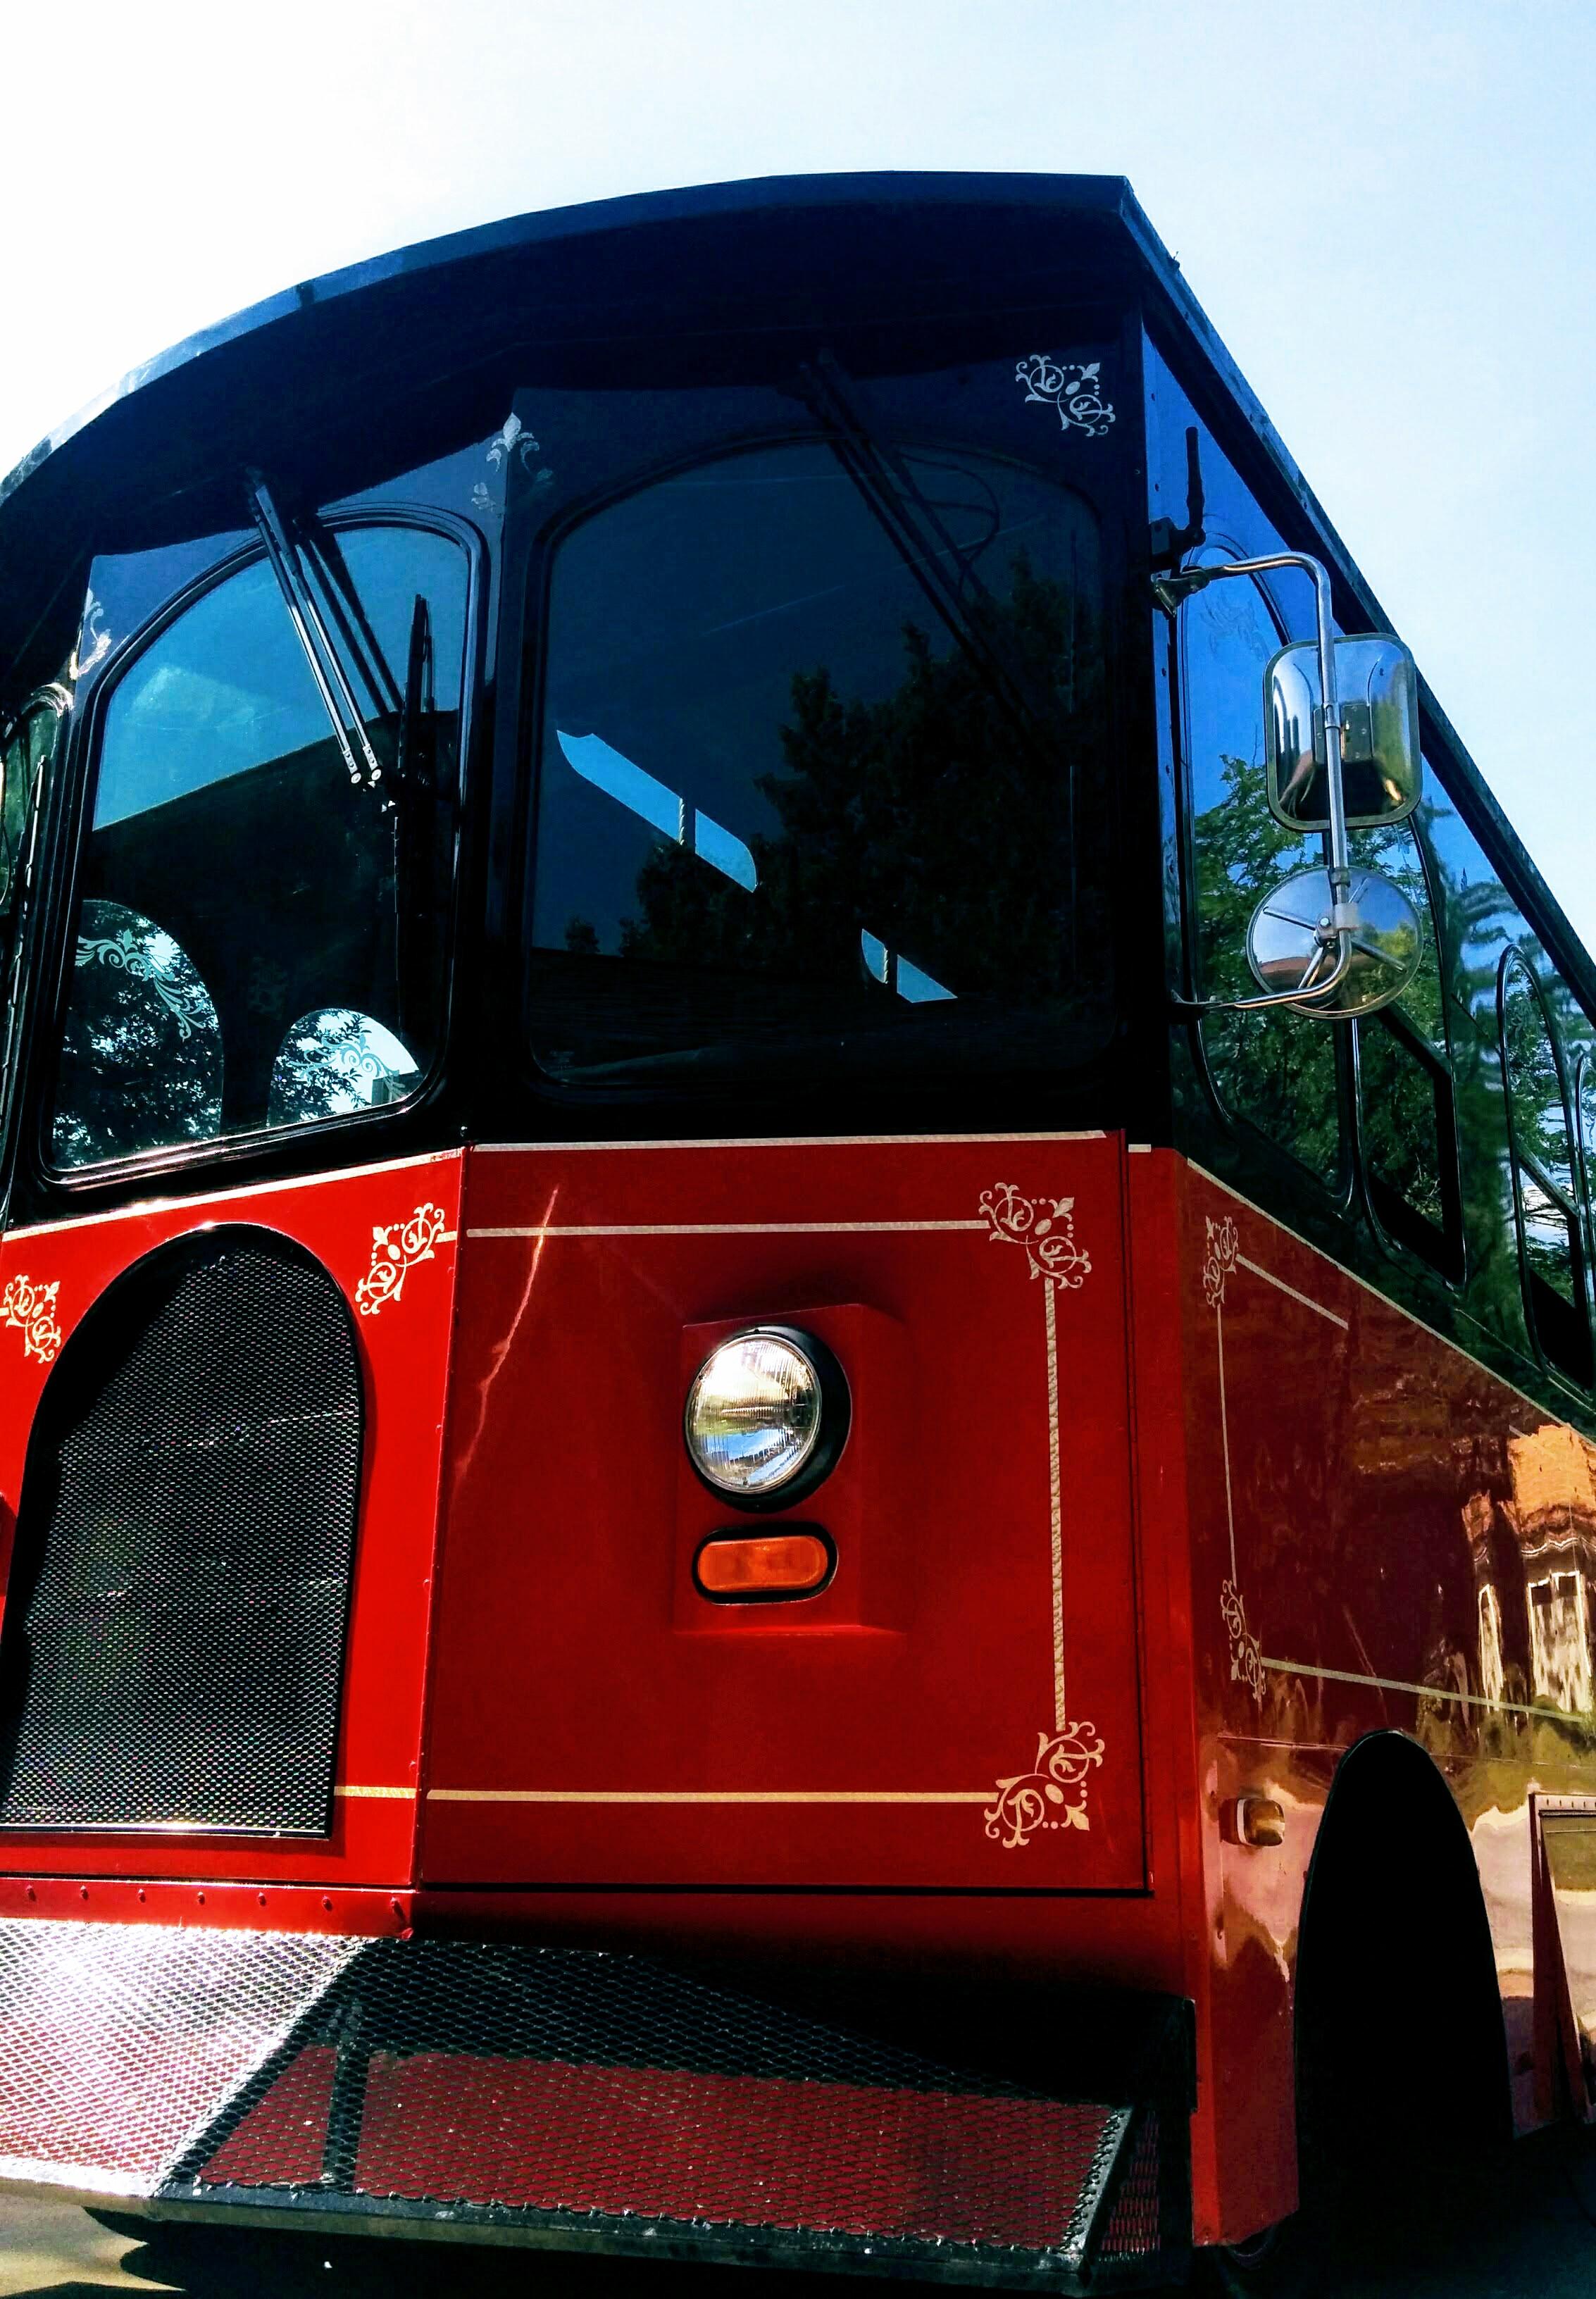 trolley9.jpg